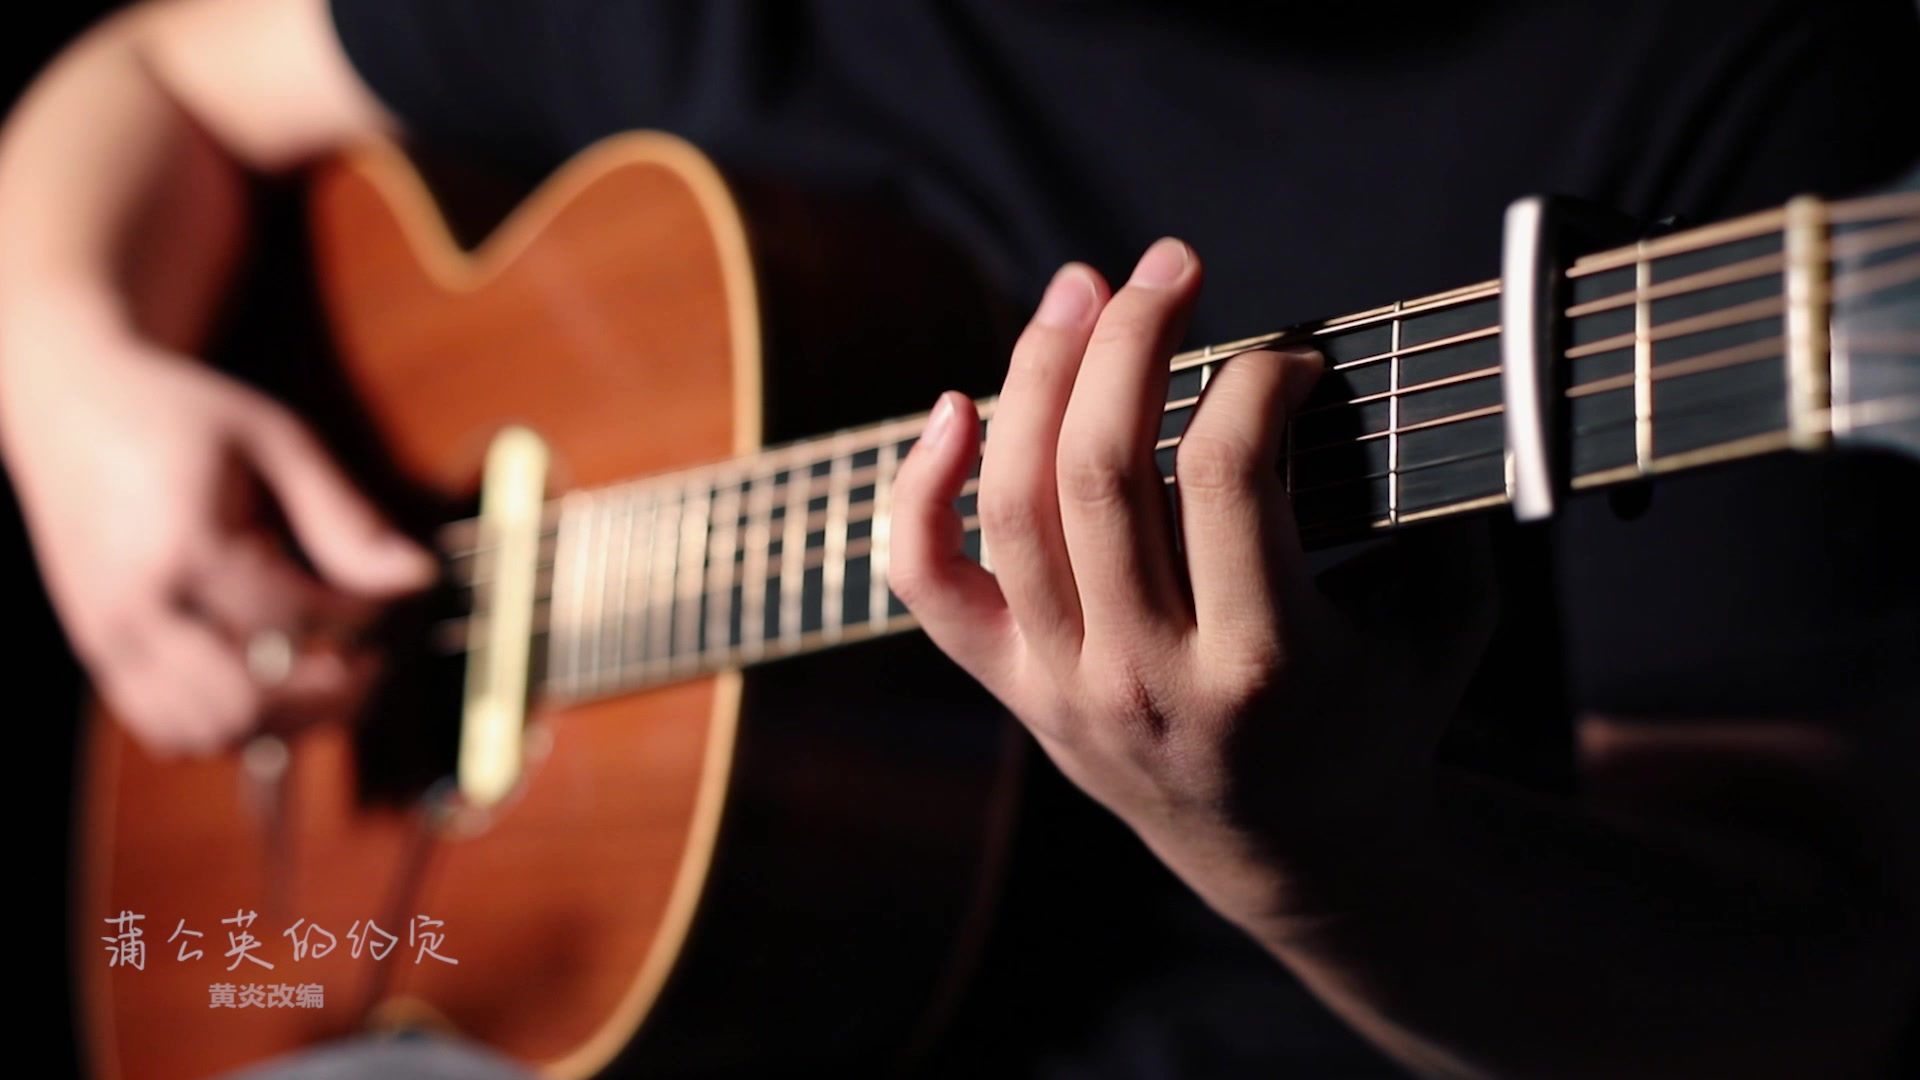 oo音乐_【指弹】蒲公英的约定(吉他独奏版)吉他指弹改编版_哔哩哔哩 ...